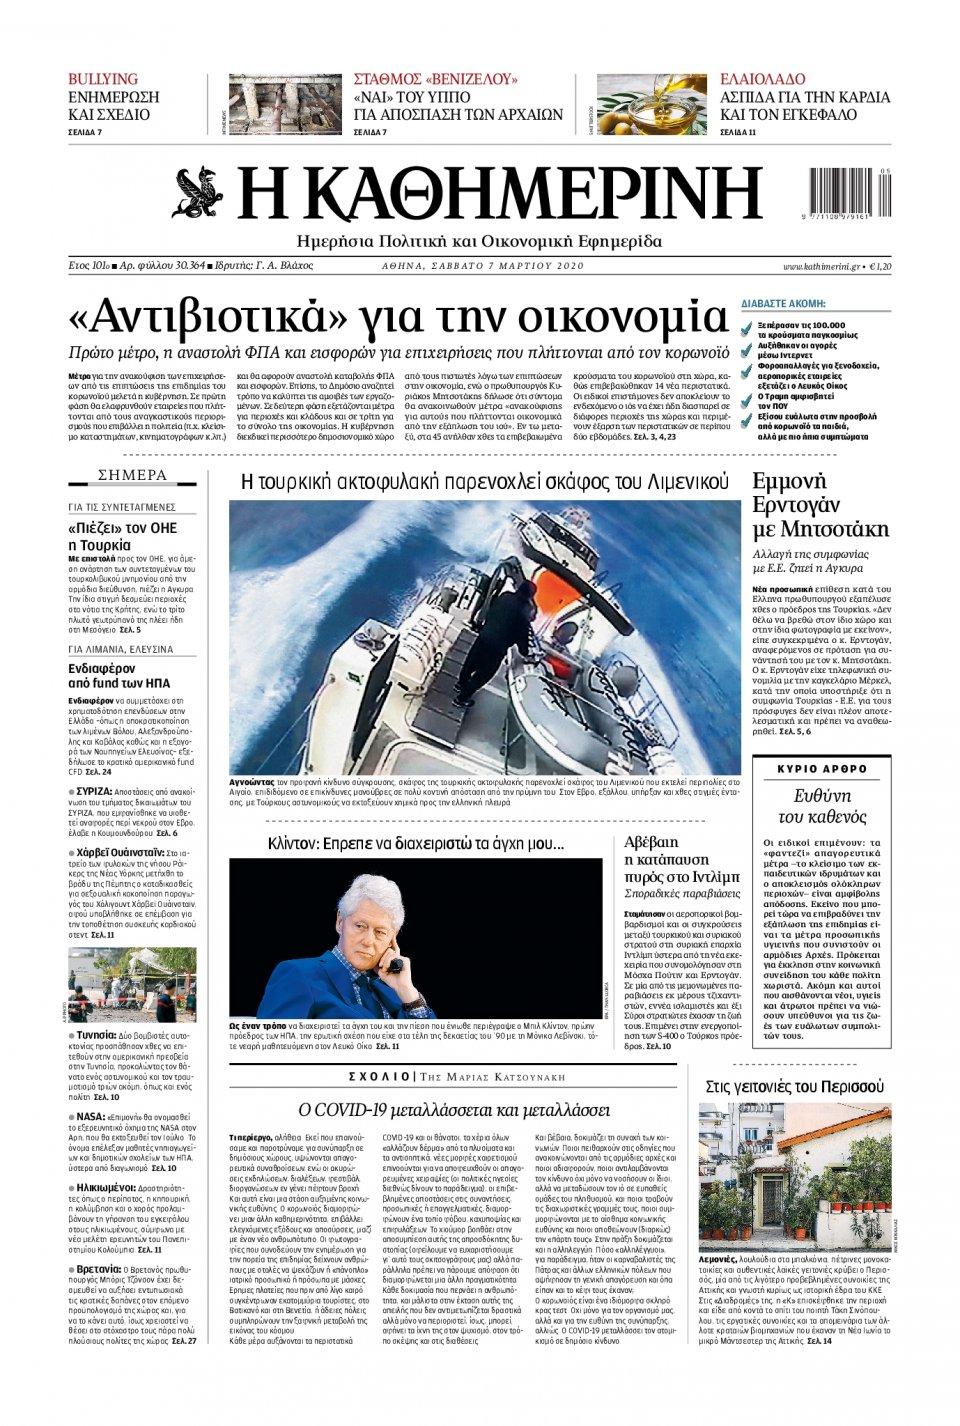 Πρωτοσέλιδο Εφημερίδας - Καθημερινή - 2020-03-07